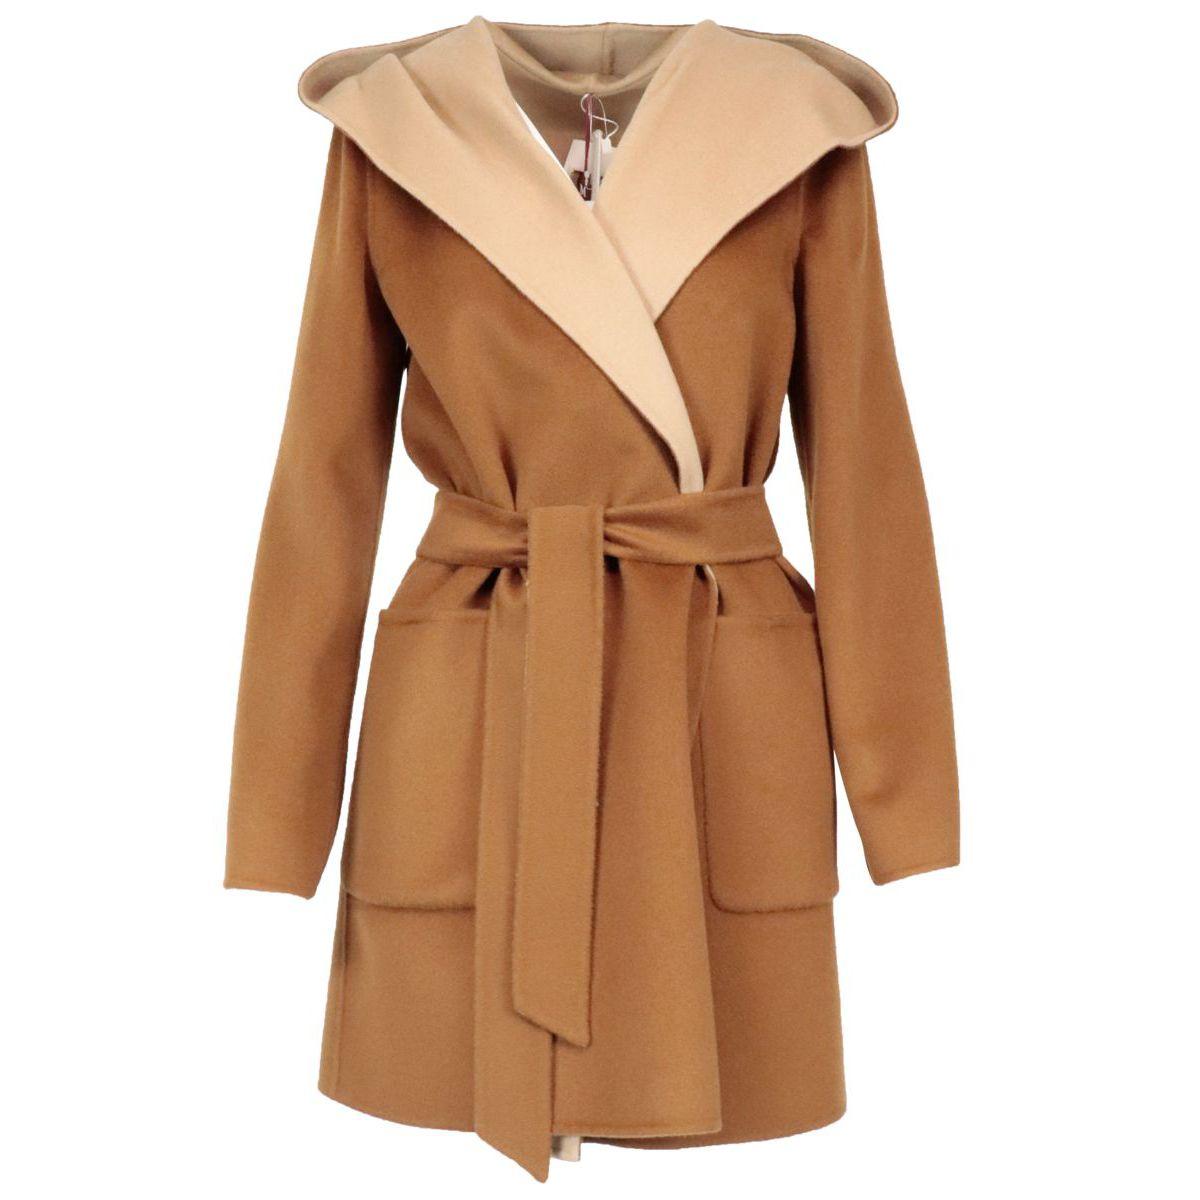 Candido reversible coat in pure wool Camel MAX MARA STUDIO